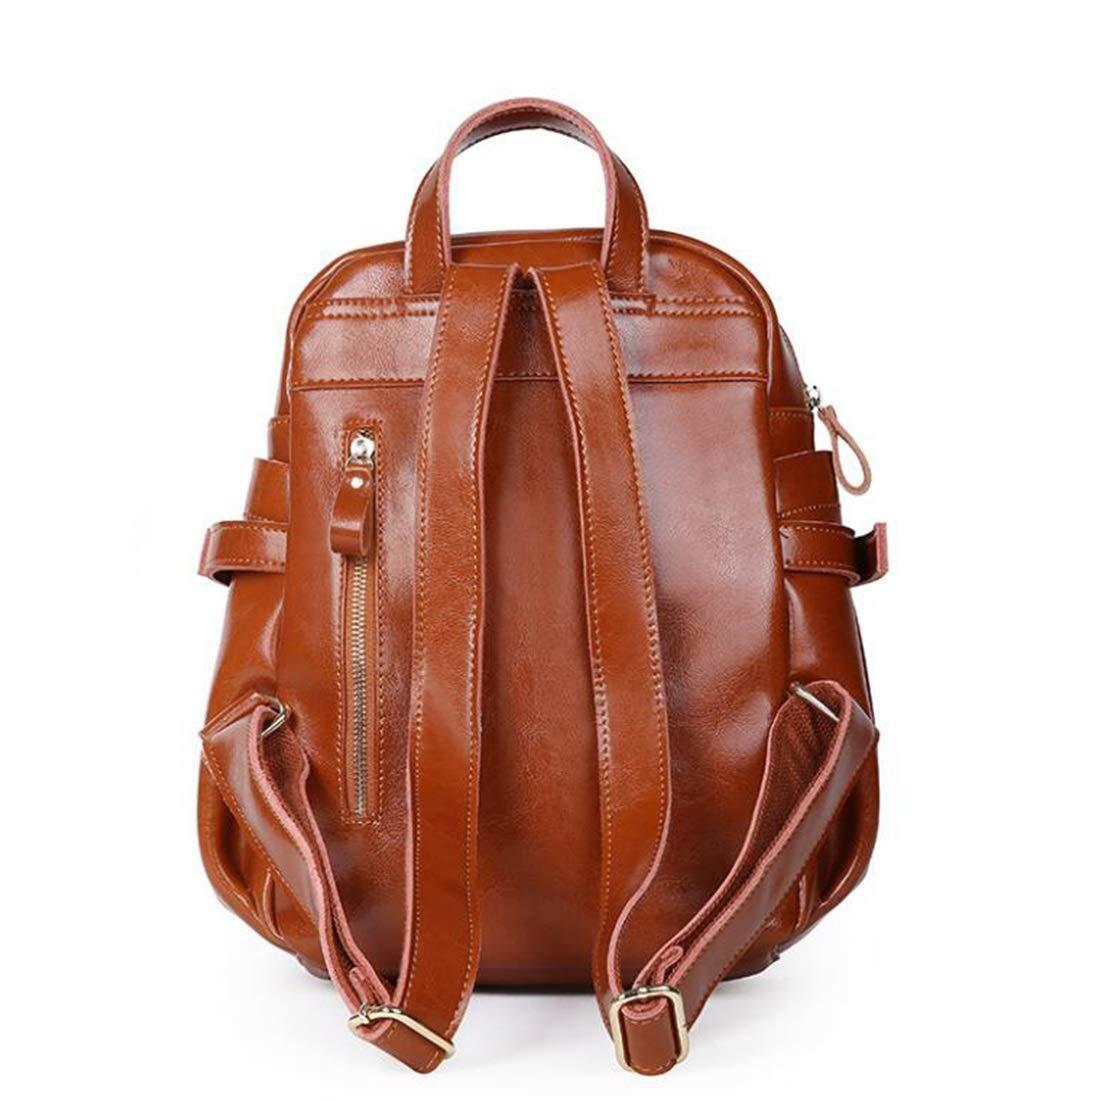 Ryggsäck dam PU-läder mini ryggsäck flickor högskola skolväska resväska stor ryggsäck (färg: svart) Brun1